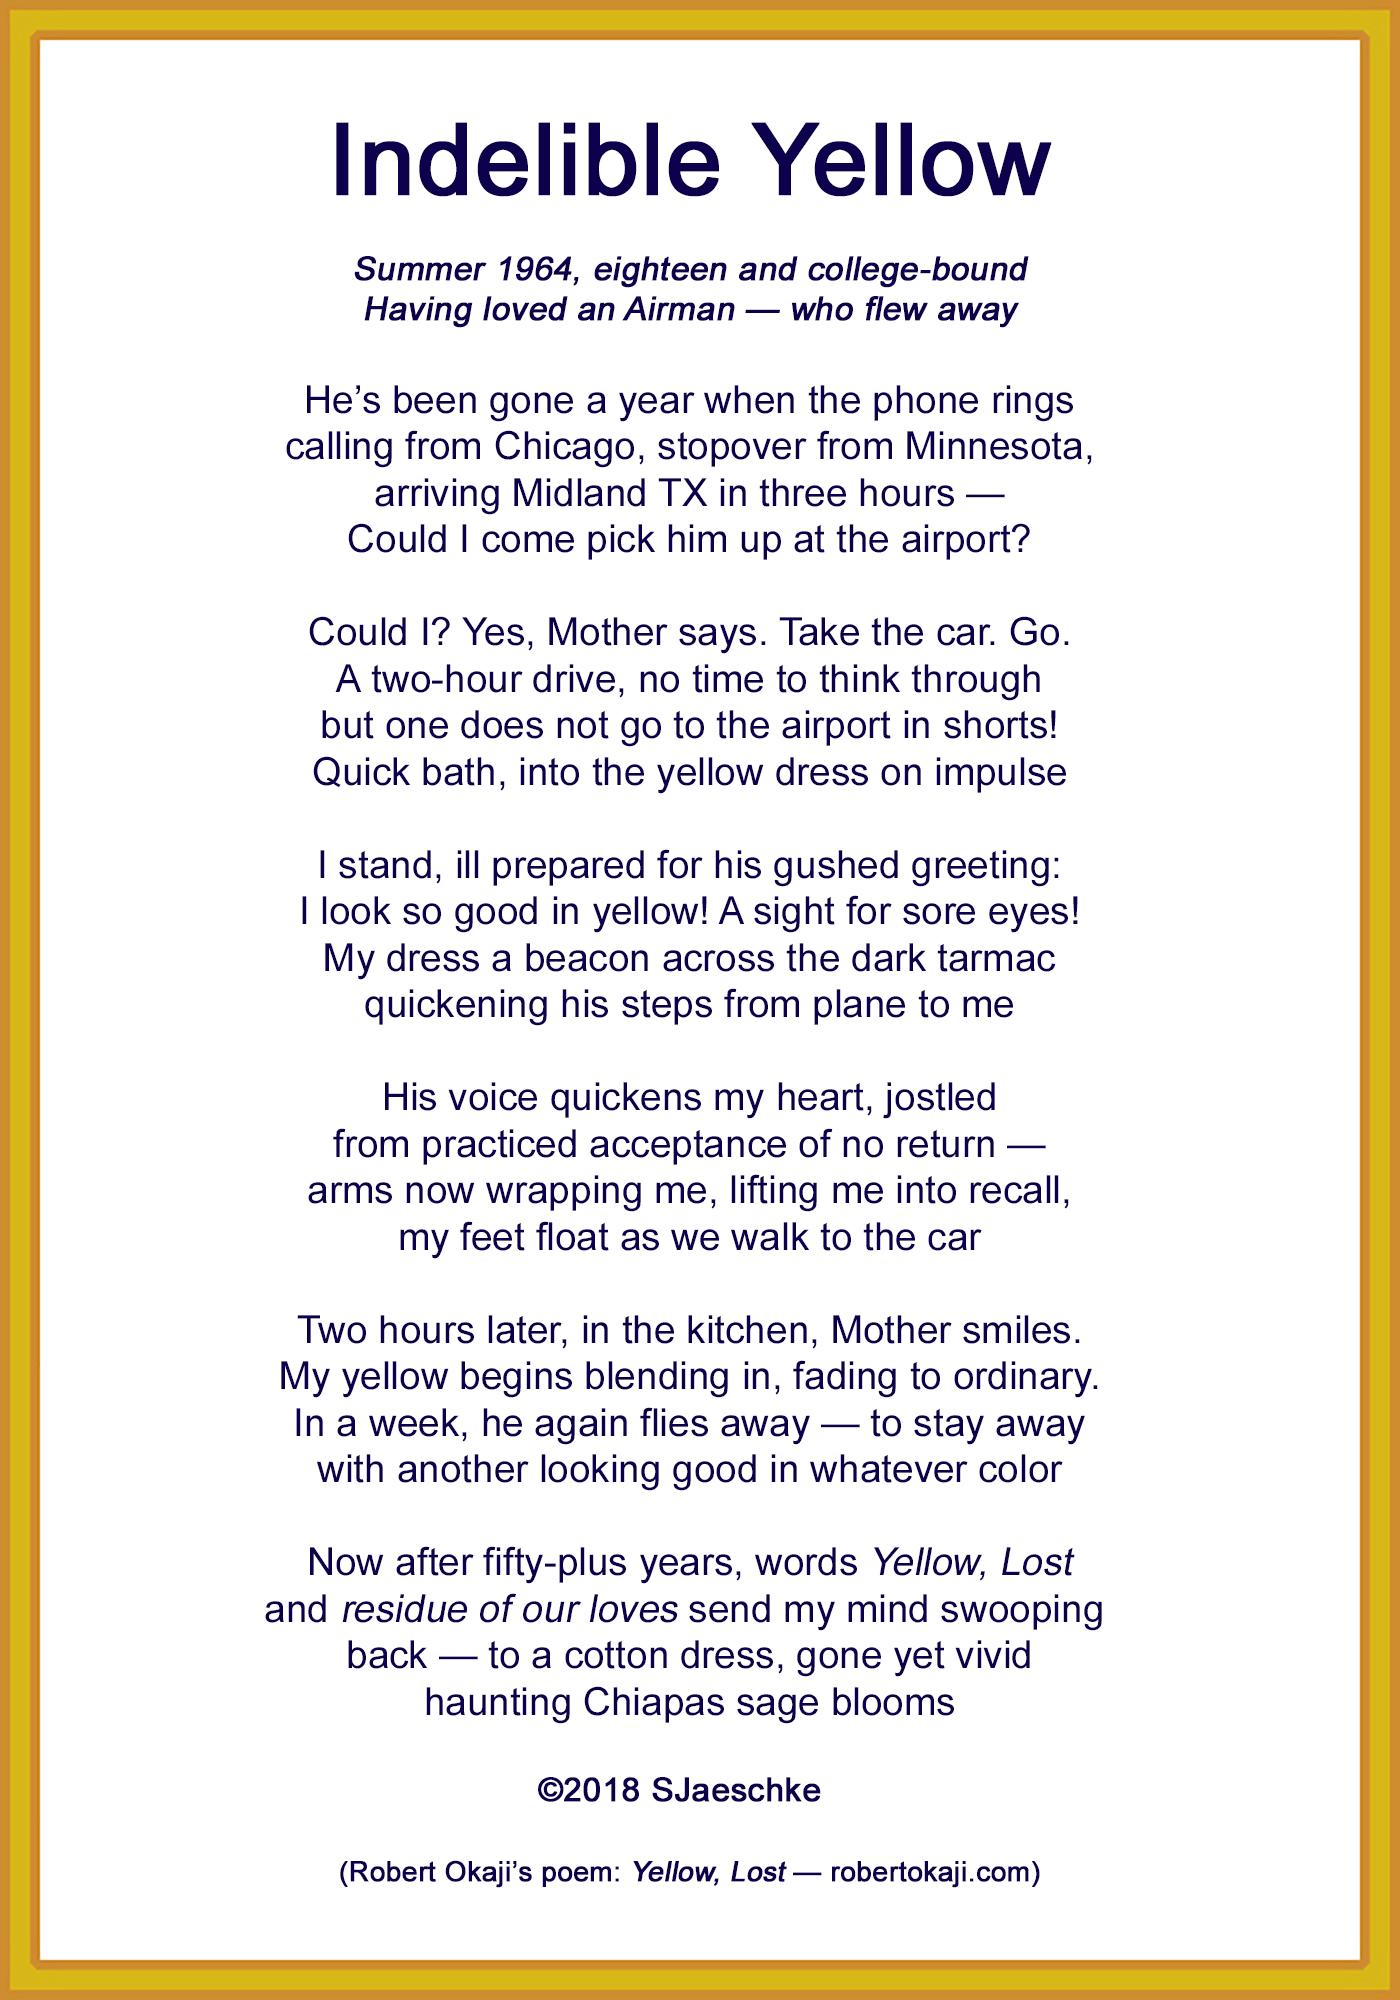 Post_2018-04-23_Poem_IndelibleYellow